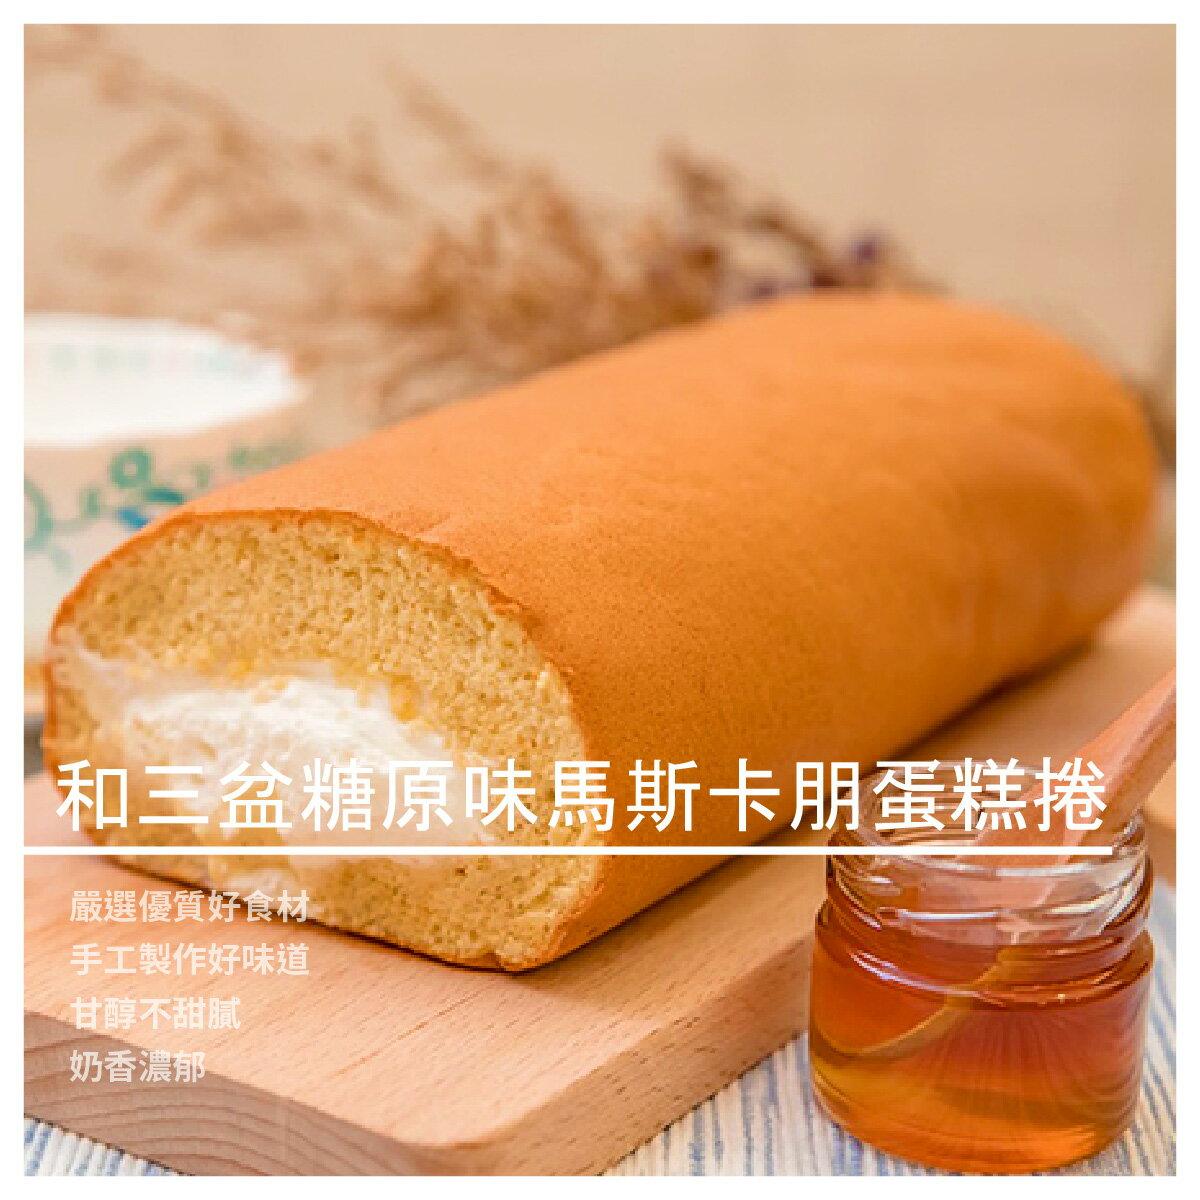 【樂本甜手作甜點】經典-和三盆糖原味馬斯卡朋蛋糕捲/條